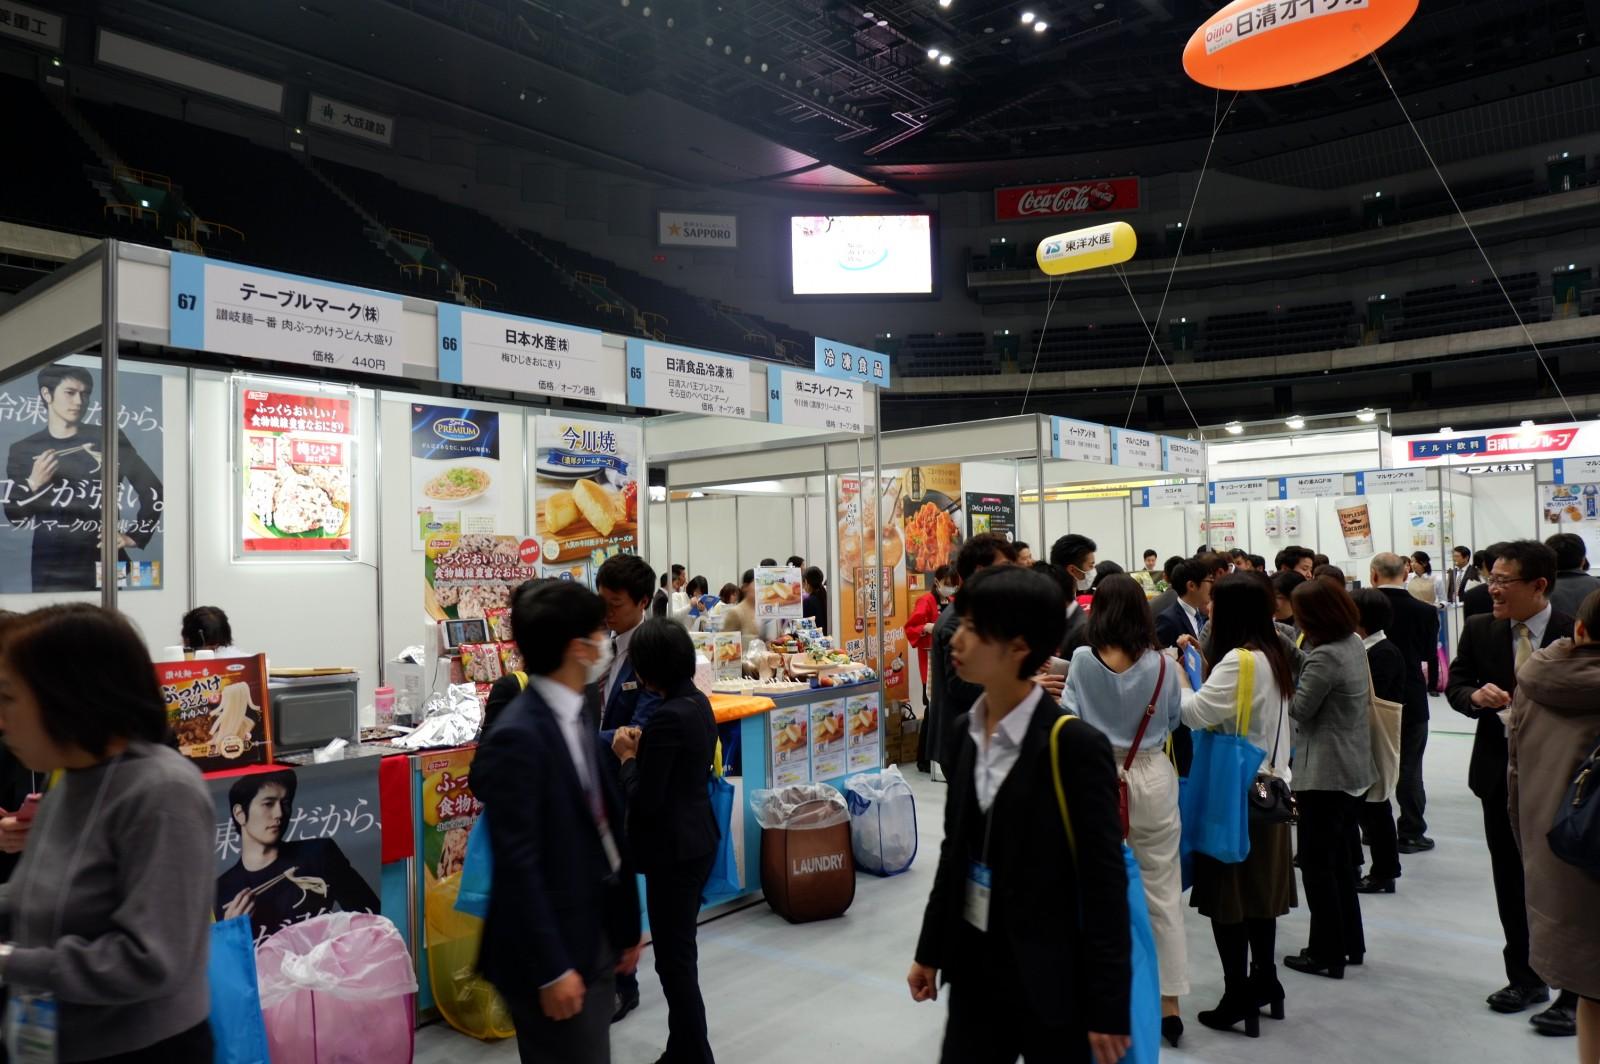 Mart読者投票で決まる新商品グランプリは20周年(日本アクセス)